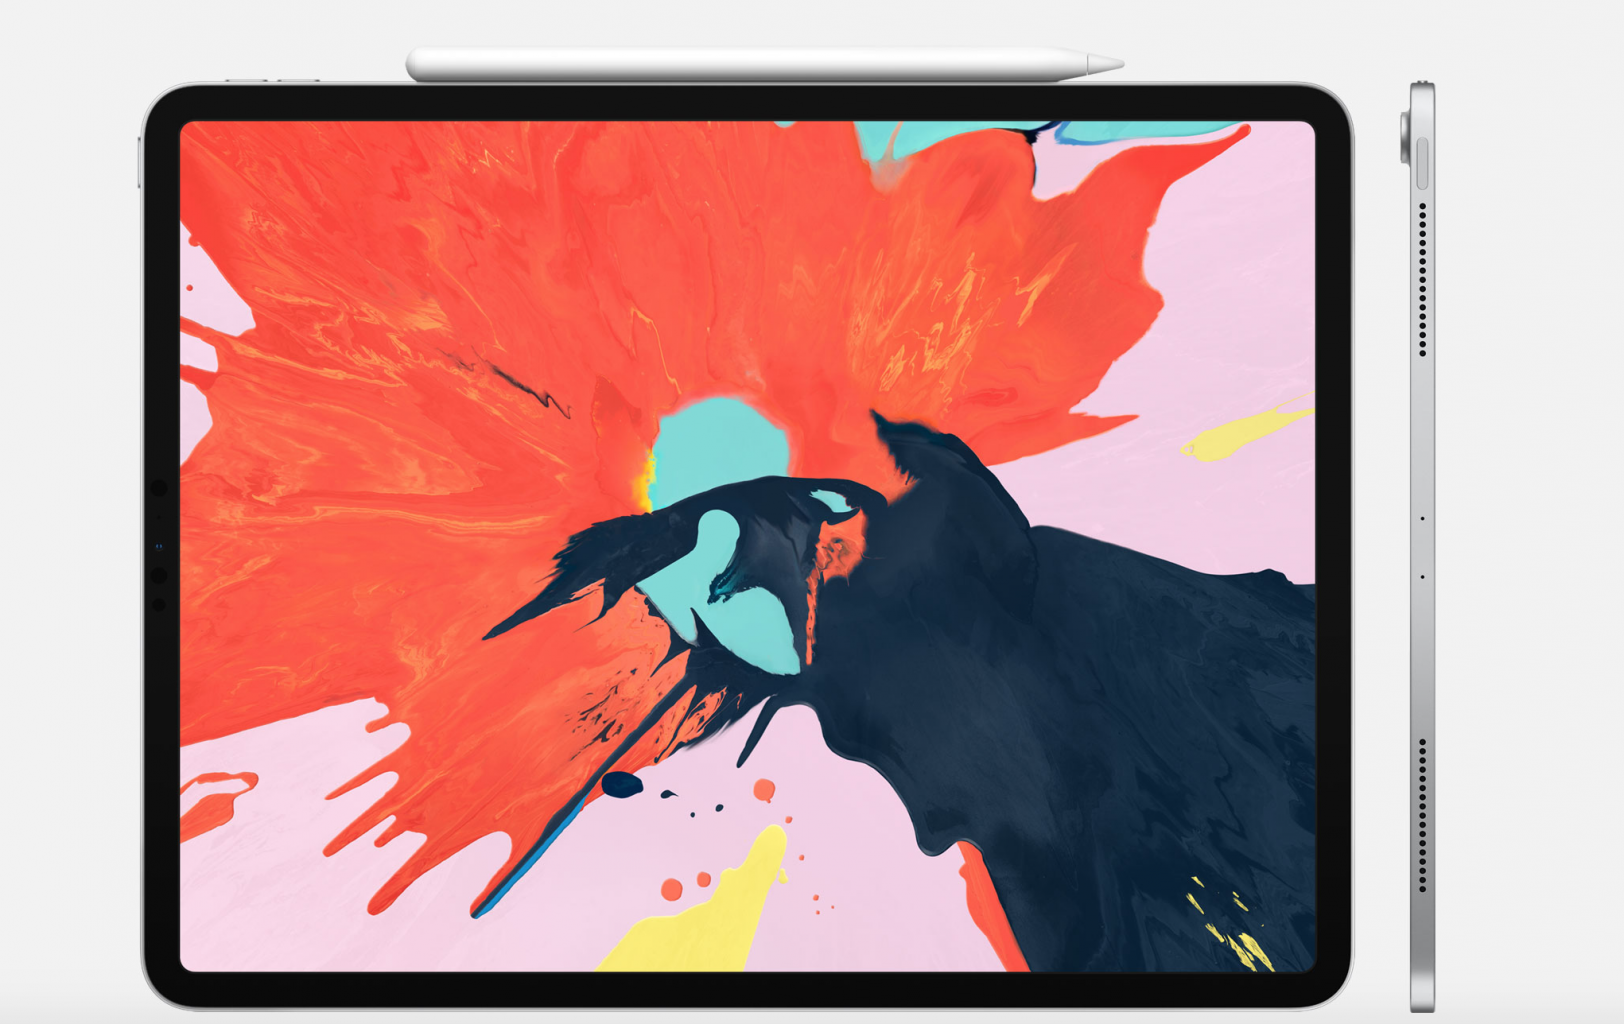 苹果 iPad 无法恢复运行 iOS 12.1.2 的 iPhone 备份